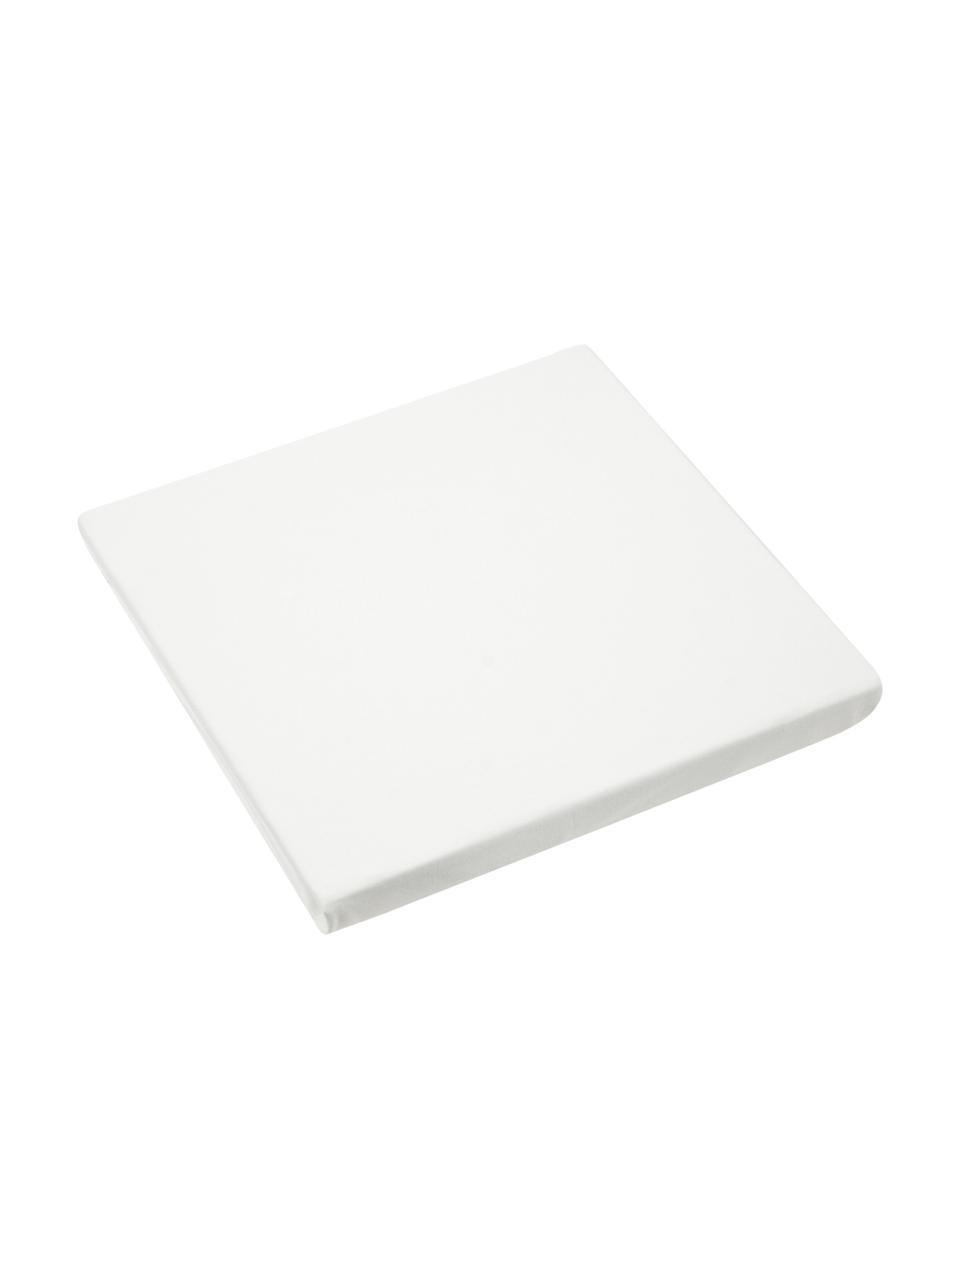 Lenzuolo con angoli boxspring in jersey-elastan color crema Lara, 95% cotone, 5% elastan, Color crema, 90 x 200 cm